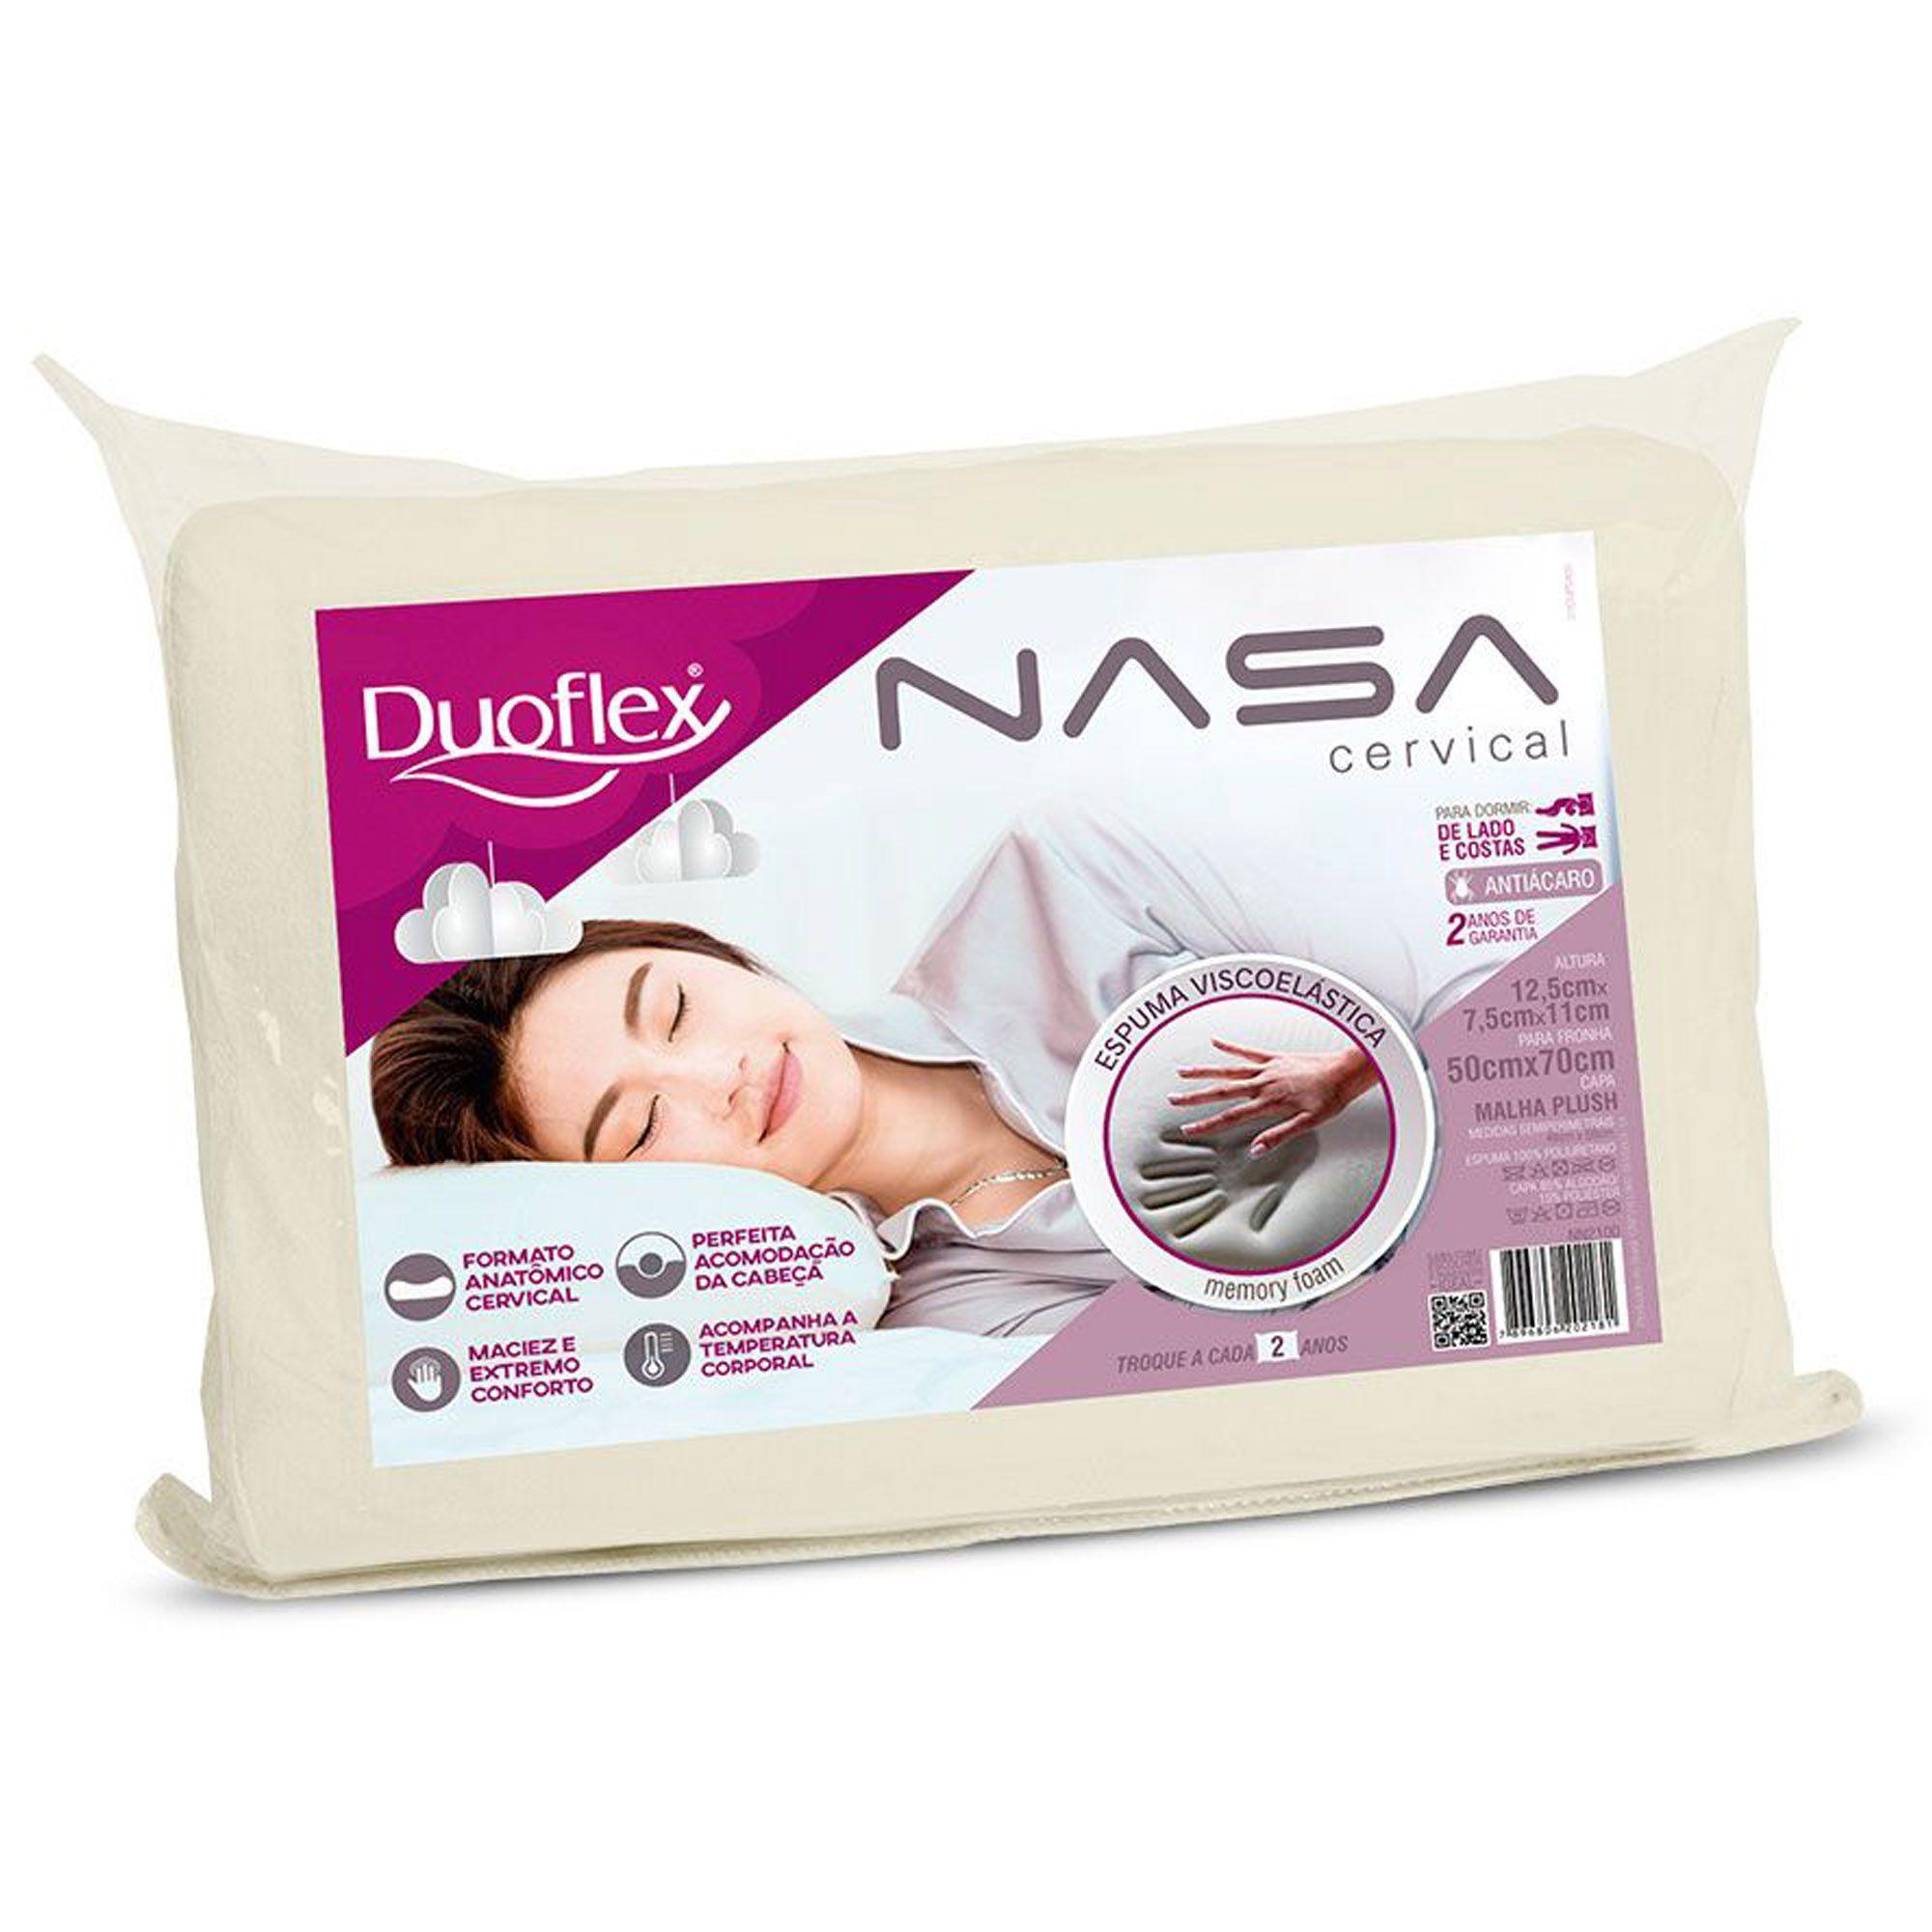 Travesseiro Duoflex Nasa Cervical, Intermediário, 050 x 070 cm